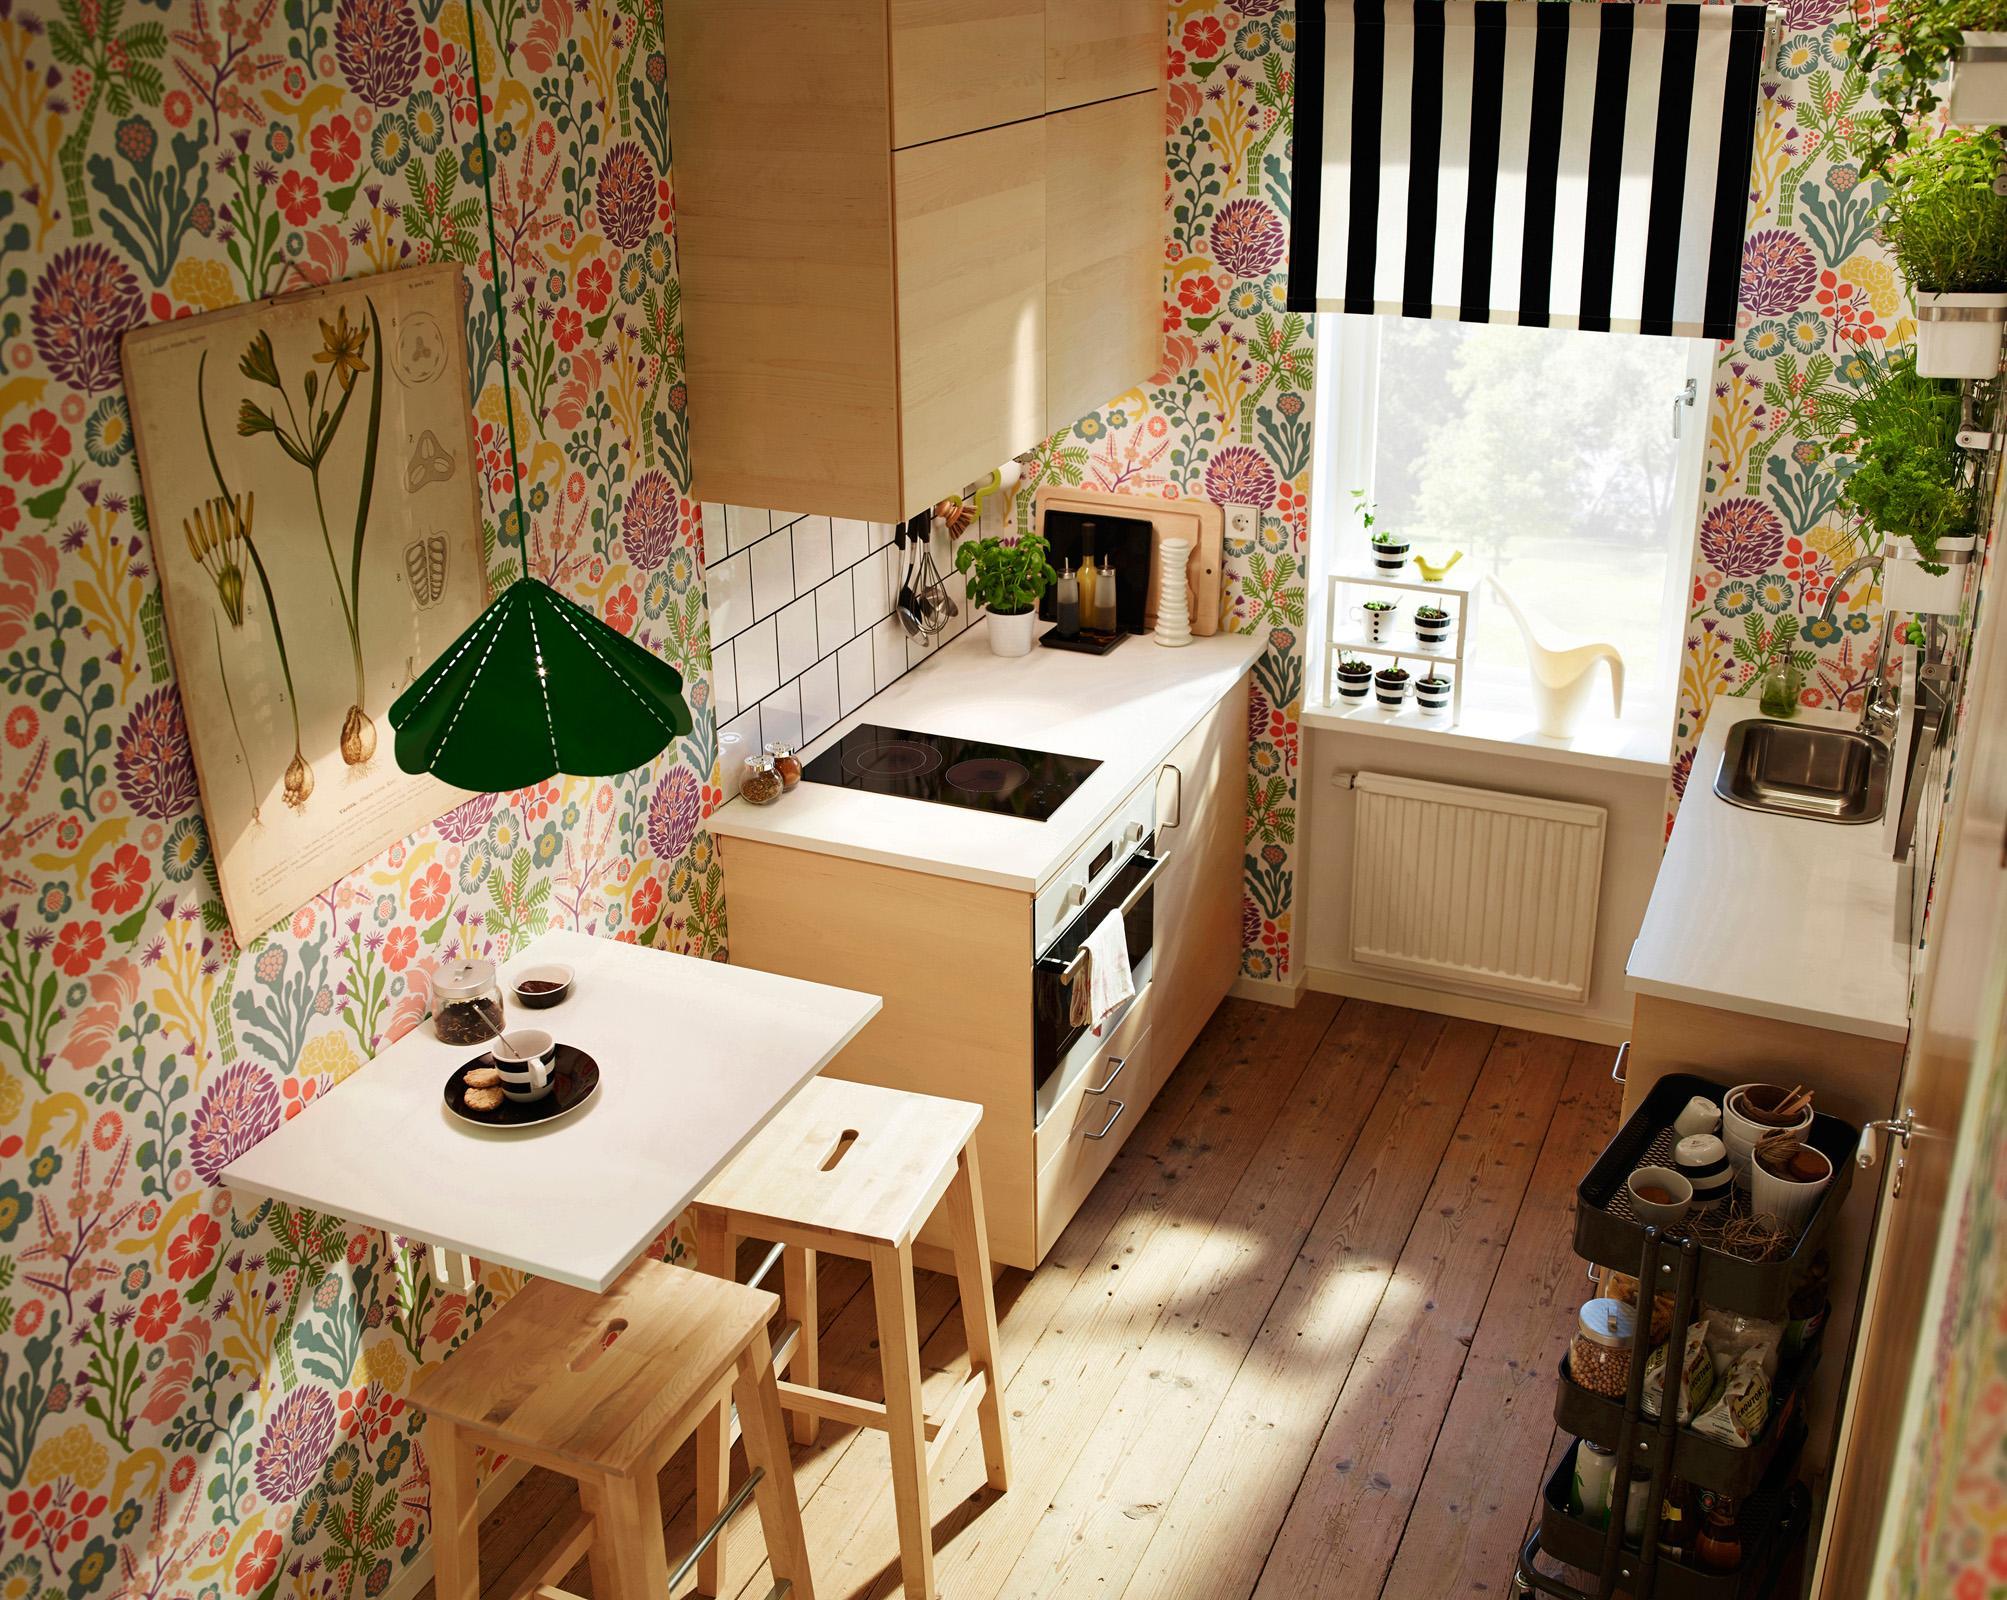 Full Size of Miniküche Ikea Minikche Attityd 120 Cm Sunnersta Kche Betten Modulküche 160x200 Stengel Mit Kühlschrank Küche Kosten Bei Sofa Schlaffunktion Kaufen Wohnzimmer Miniküche Ikea